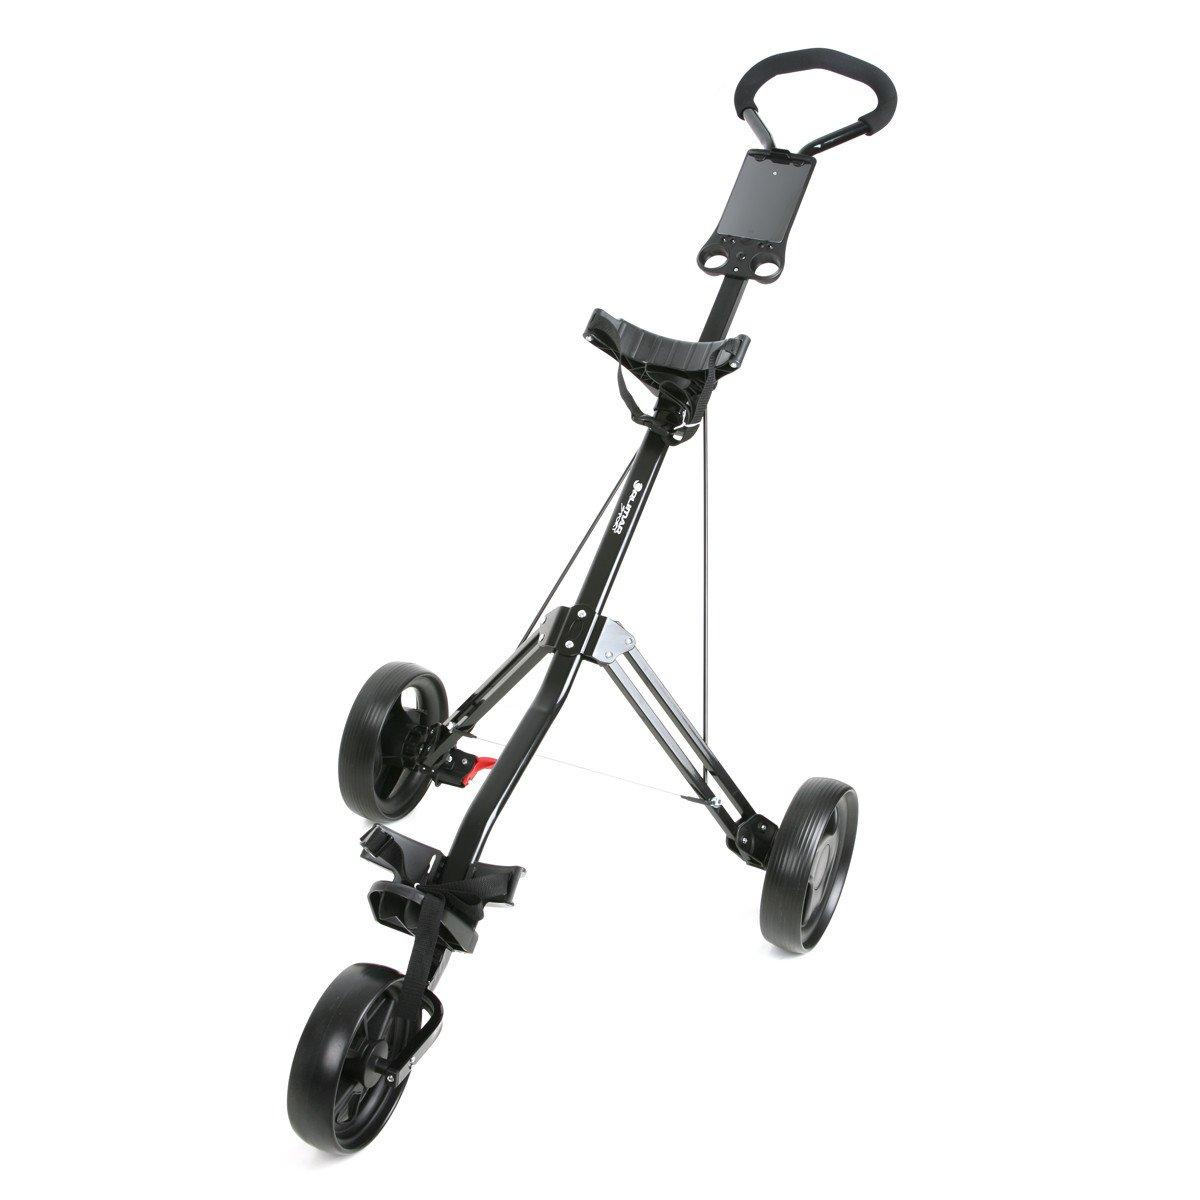 Orlimar Cart Trakker 3 Wheel Golf Cart by Orlimar (Image #1)